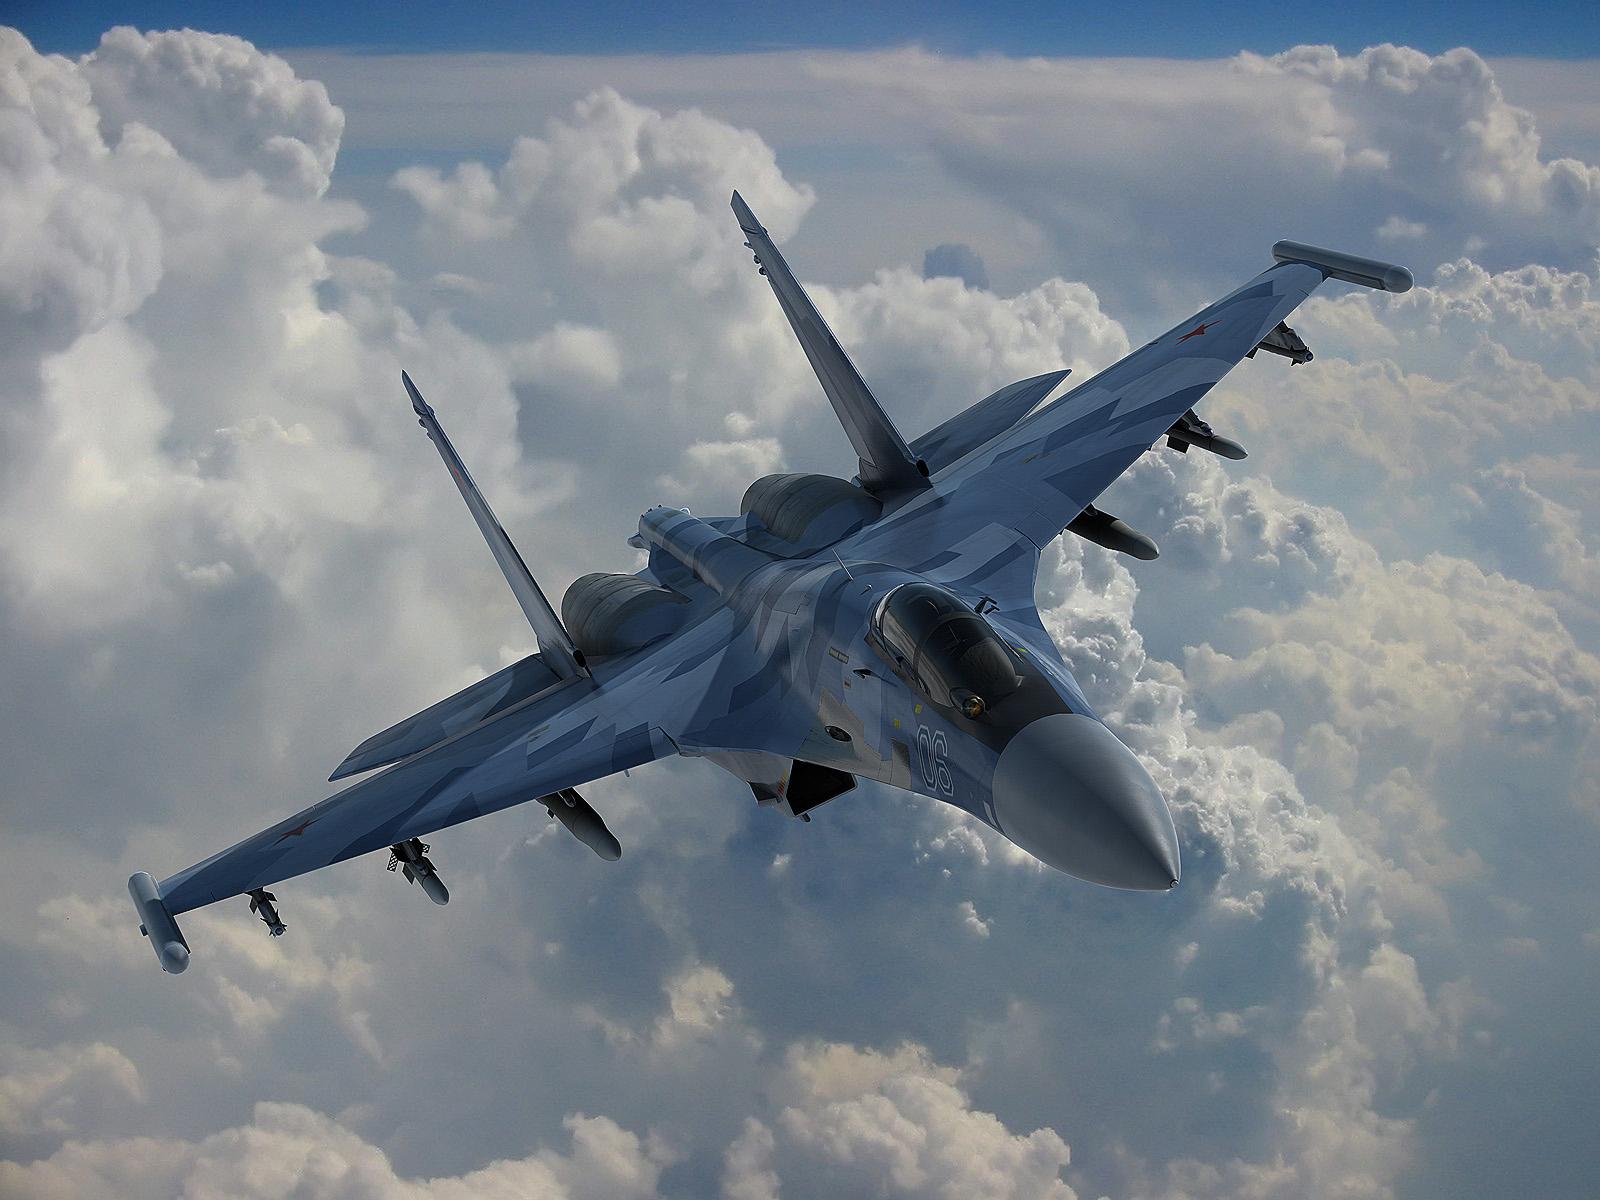 Эксперт рассказал, зачем военным летчикам стрелковое оружие в комплектах выживания